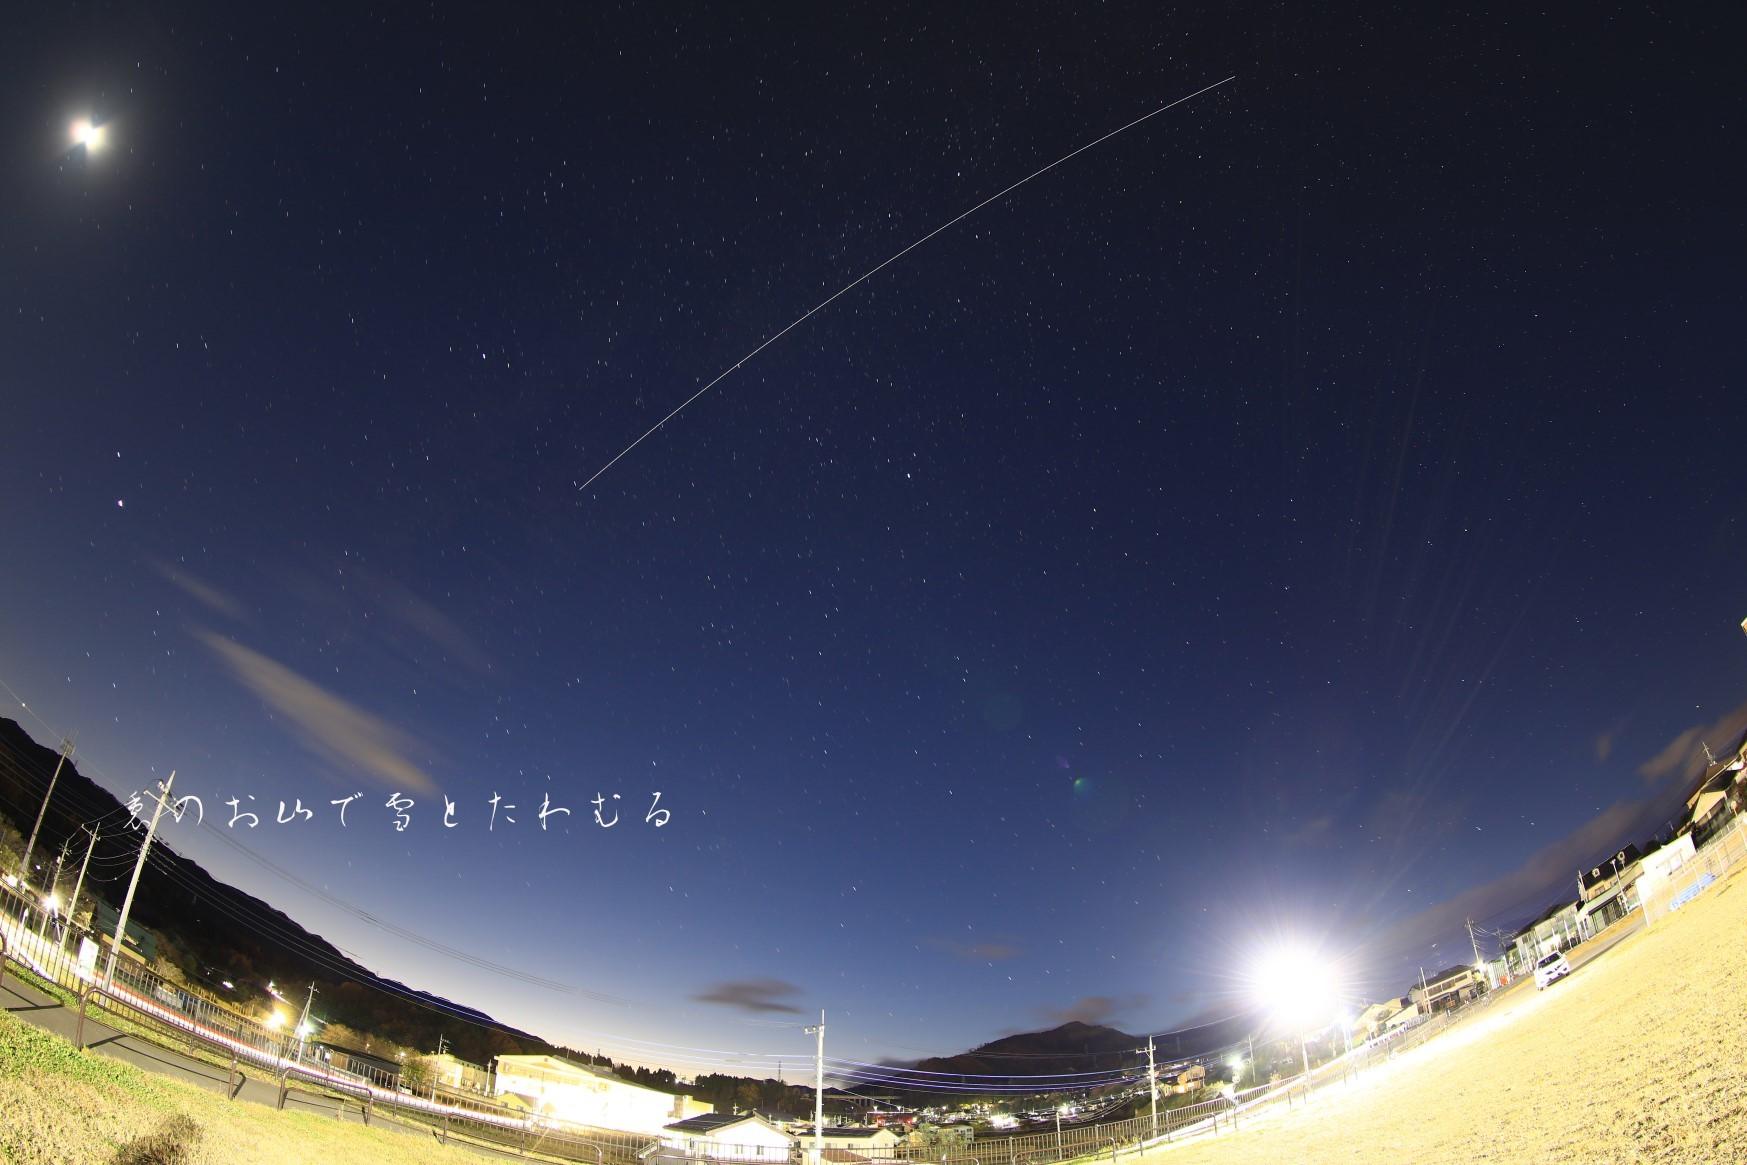 ISS 『きぼう』の軌跡_b0062024_06155754.jpg